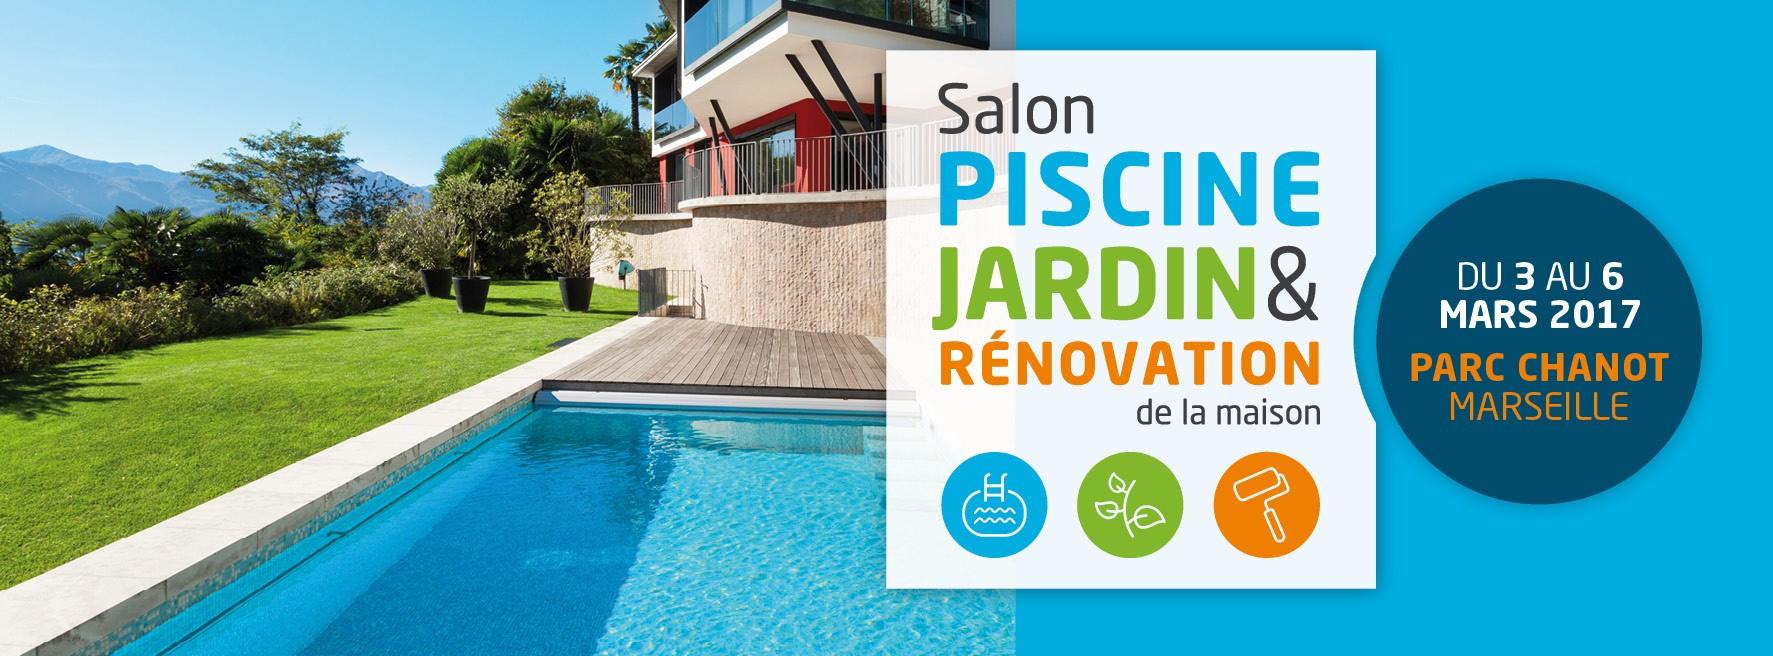 Salon-Piscine-Jardin-Marseille-Piscine-Coque – P.i.d. Piscine tout Salon De La Piscine 2017